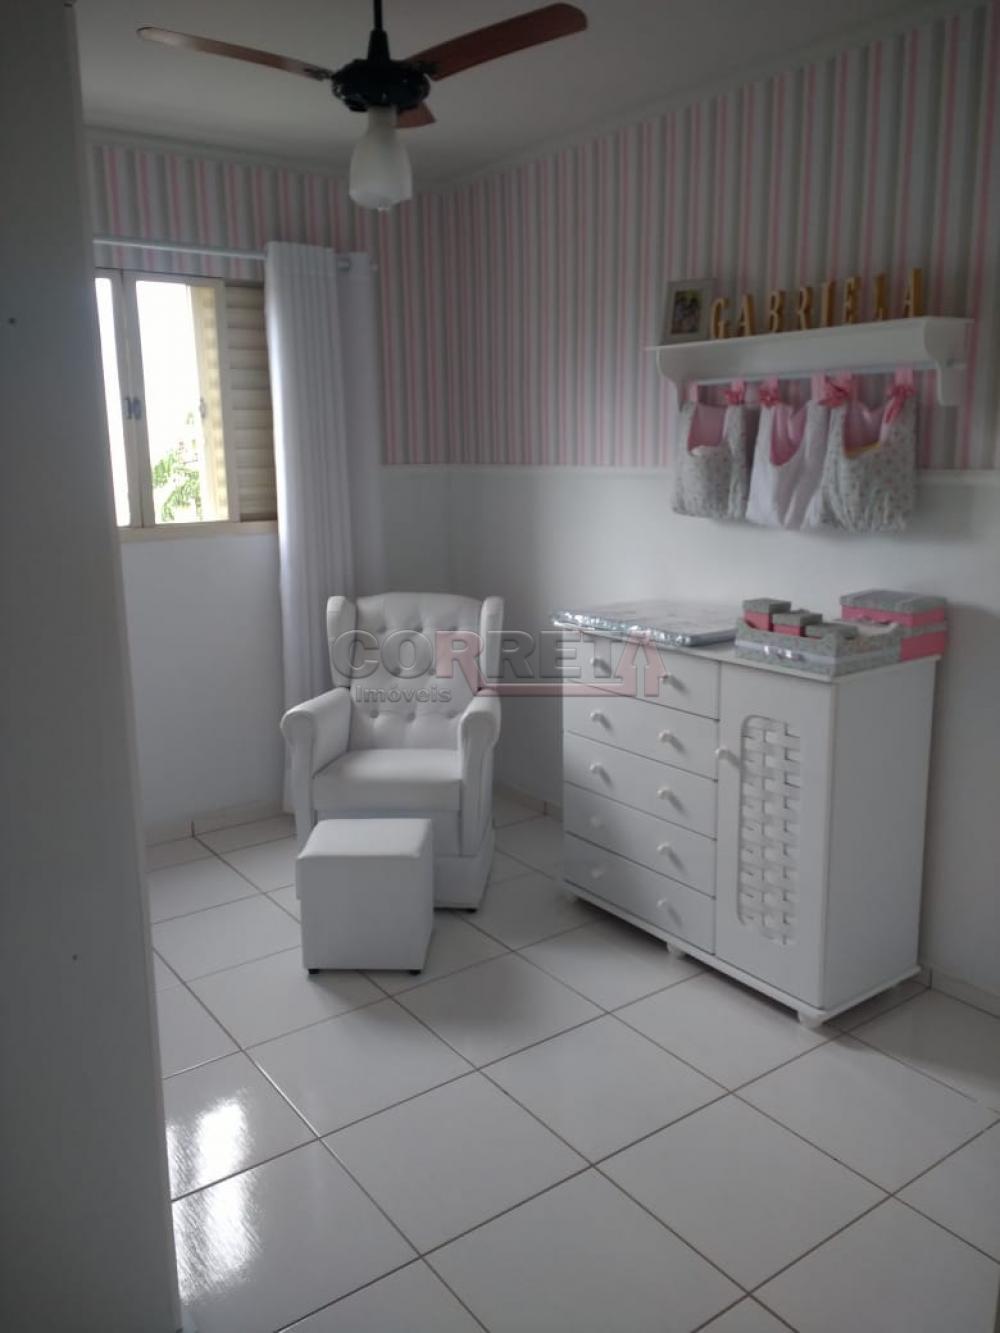 Comprar Apartamento / Padrão em Araçatuba R$ 130.000,00 - Foto 17